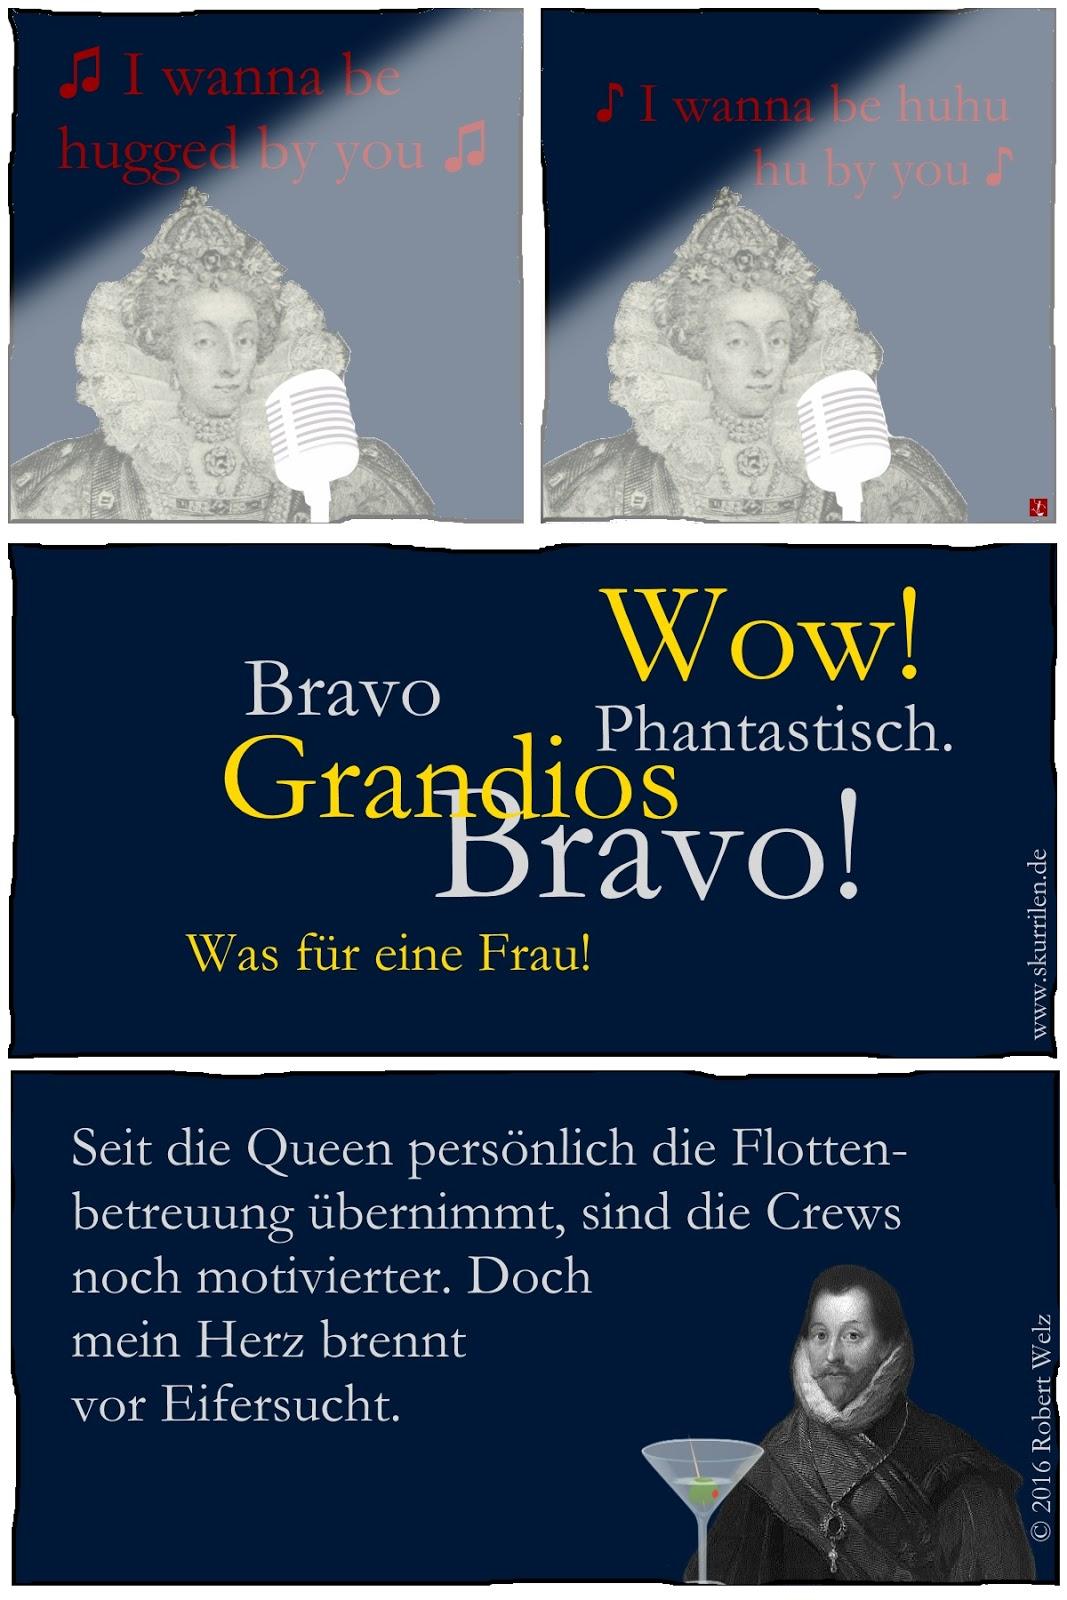 Große Gefühle im Comic. Francis Drake, der Freibeuter der Königin hat den Blues. Elizabeth I. singt für die englischen Matrosen, Unteroffiziere und Offiziere. Die Flotte ist begeistert. Doch Drake ist eifersüchtig.